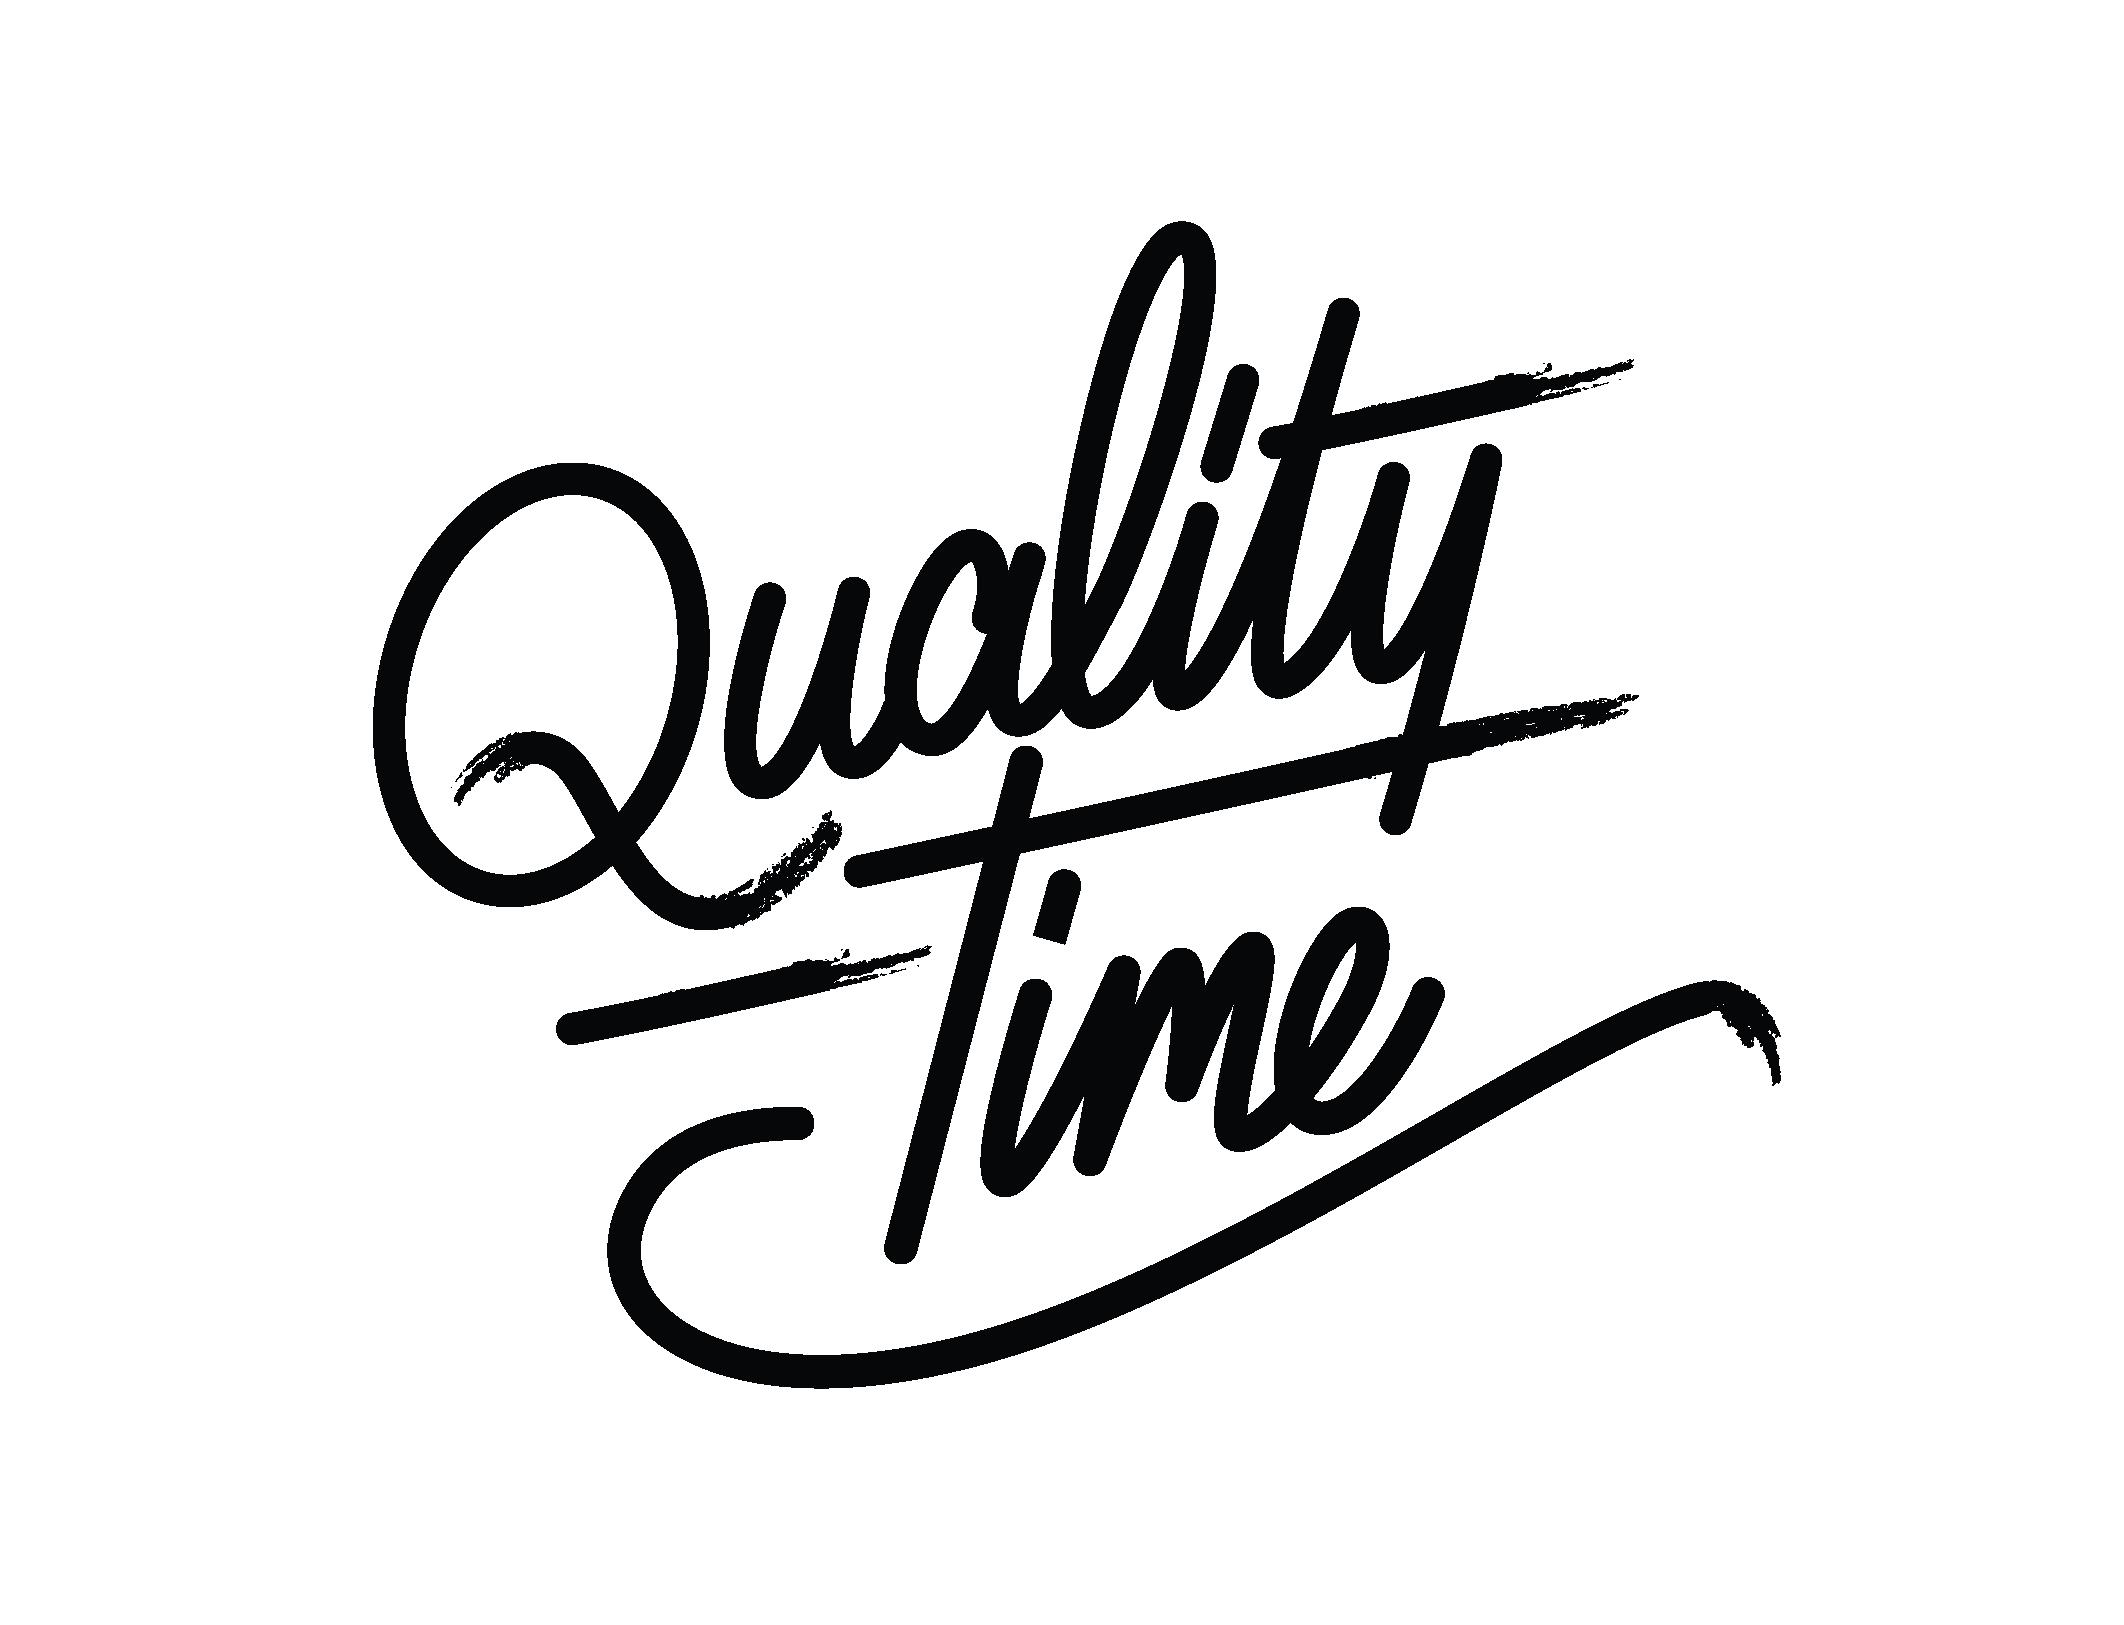 personal training bij ons staat gelijk aan quality time  1